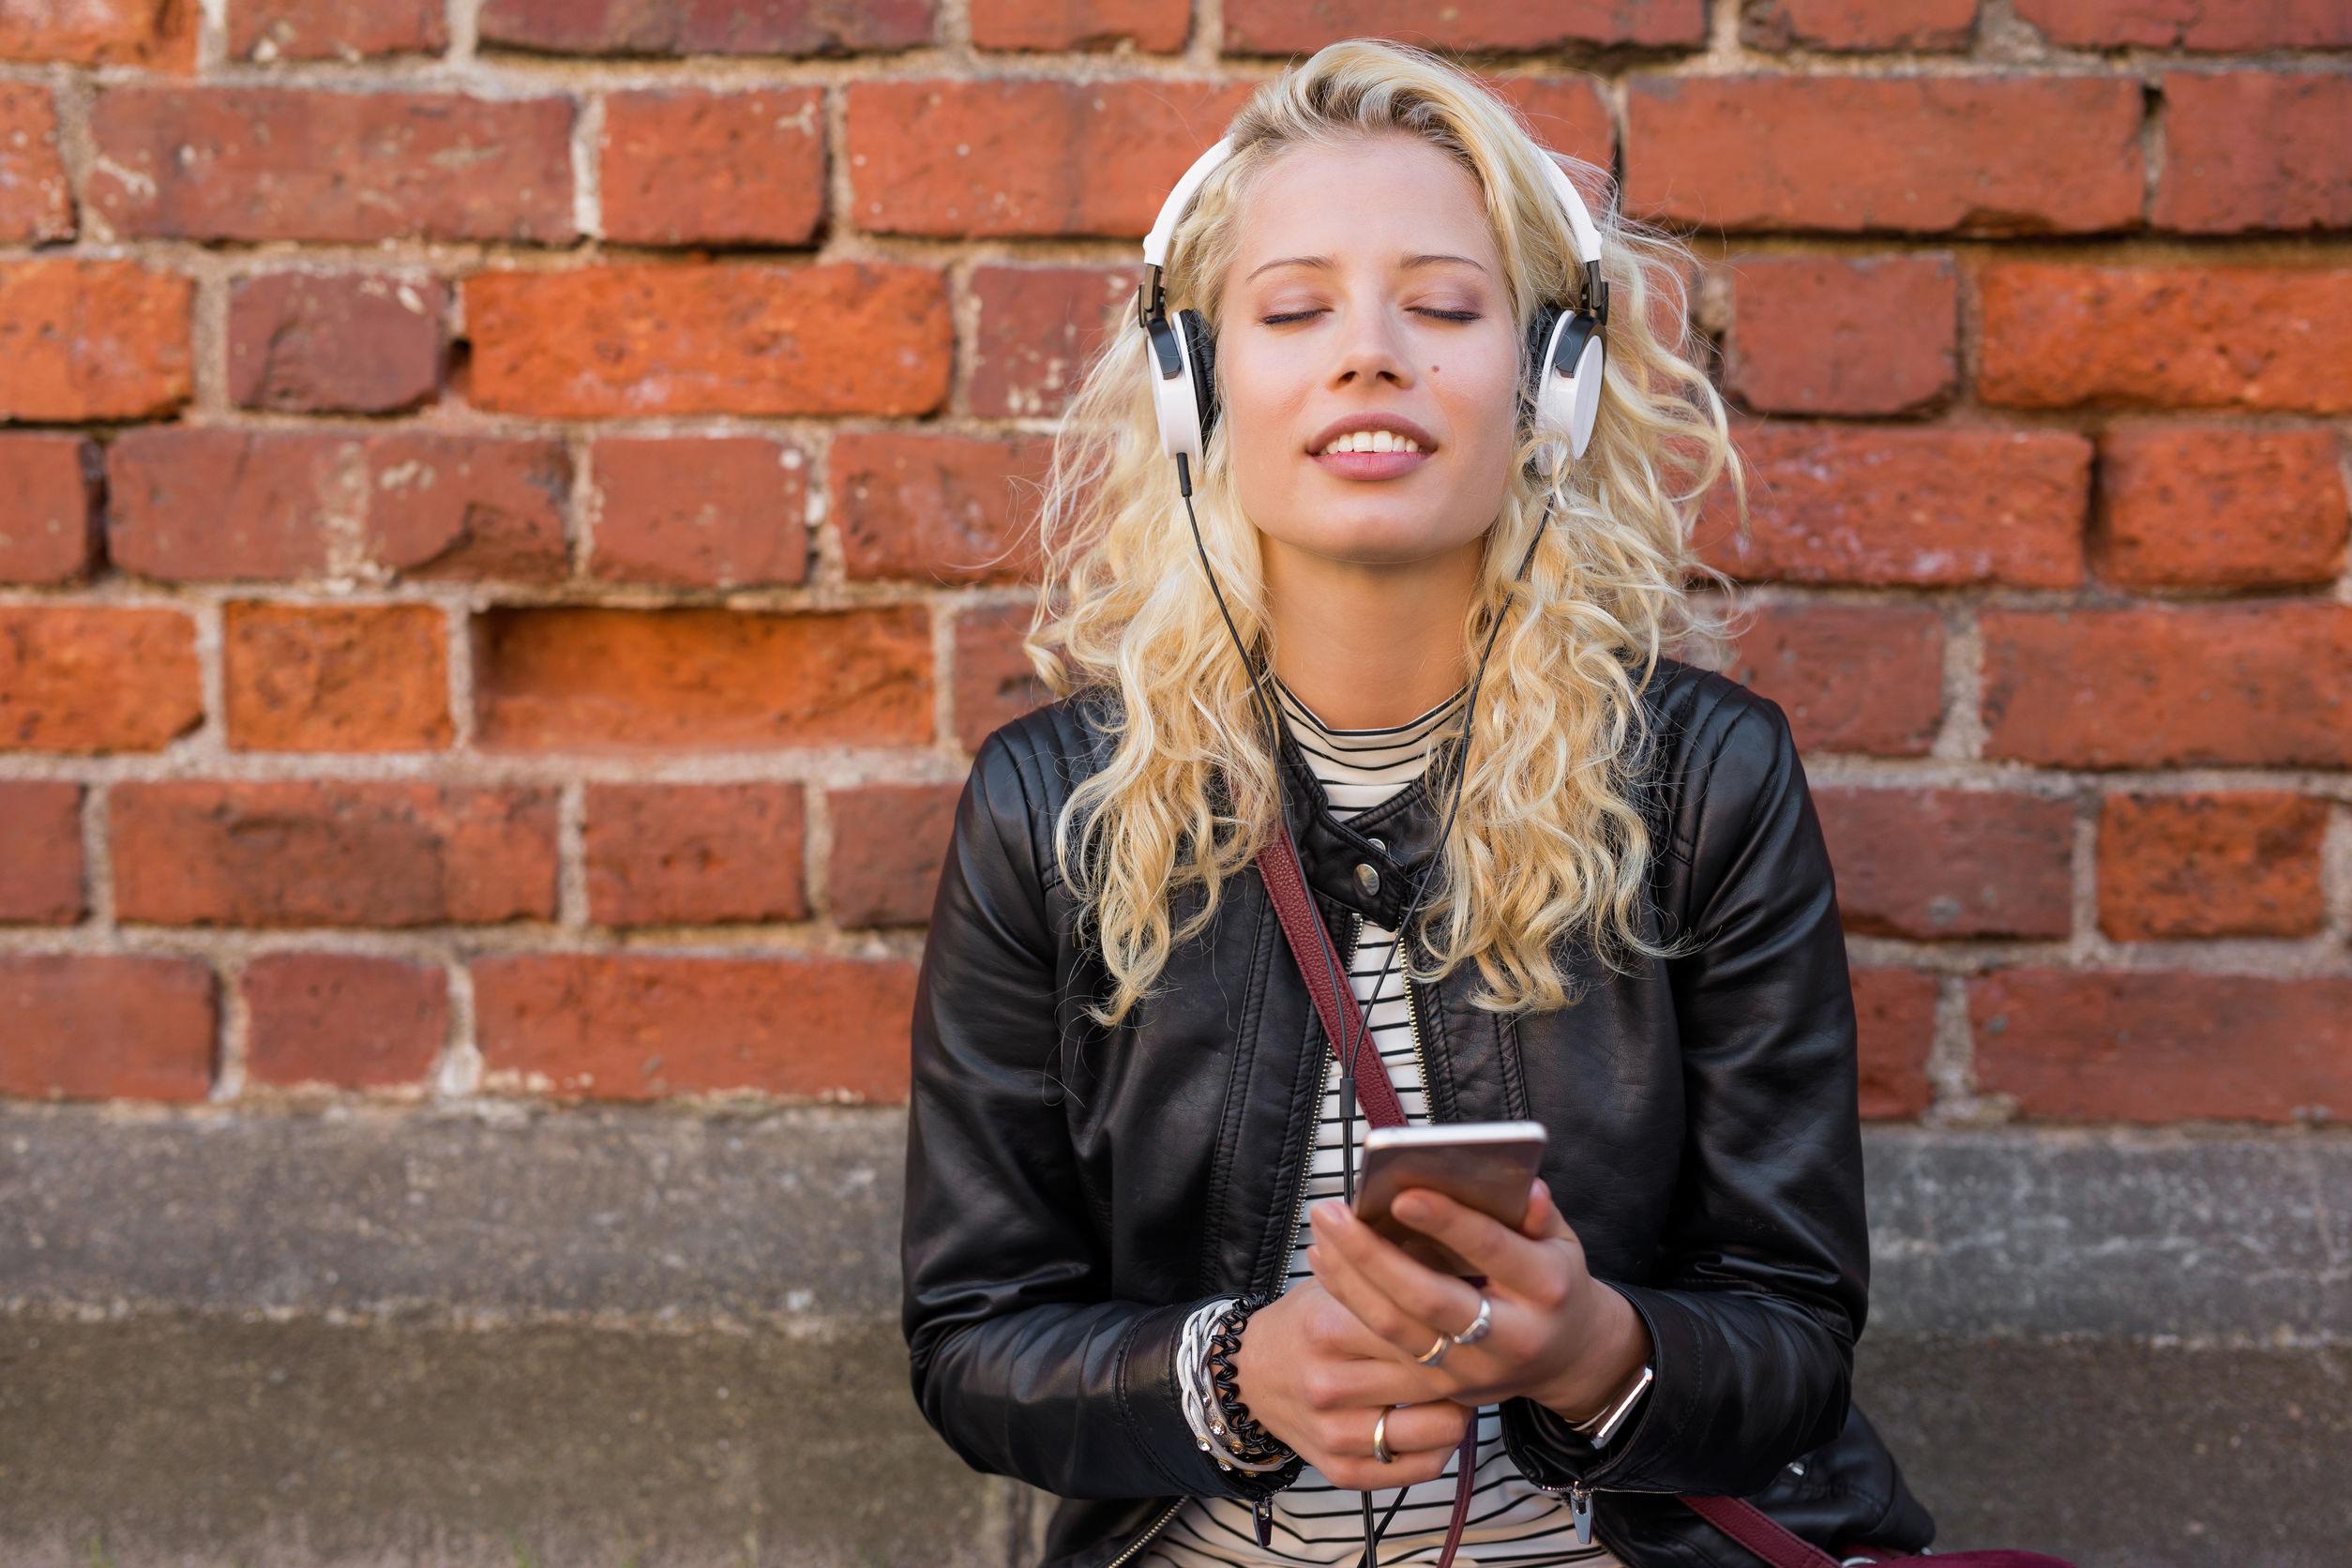 Joven disfrutando musica con auriculares